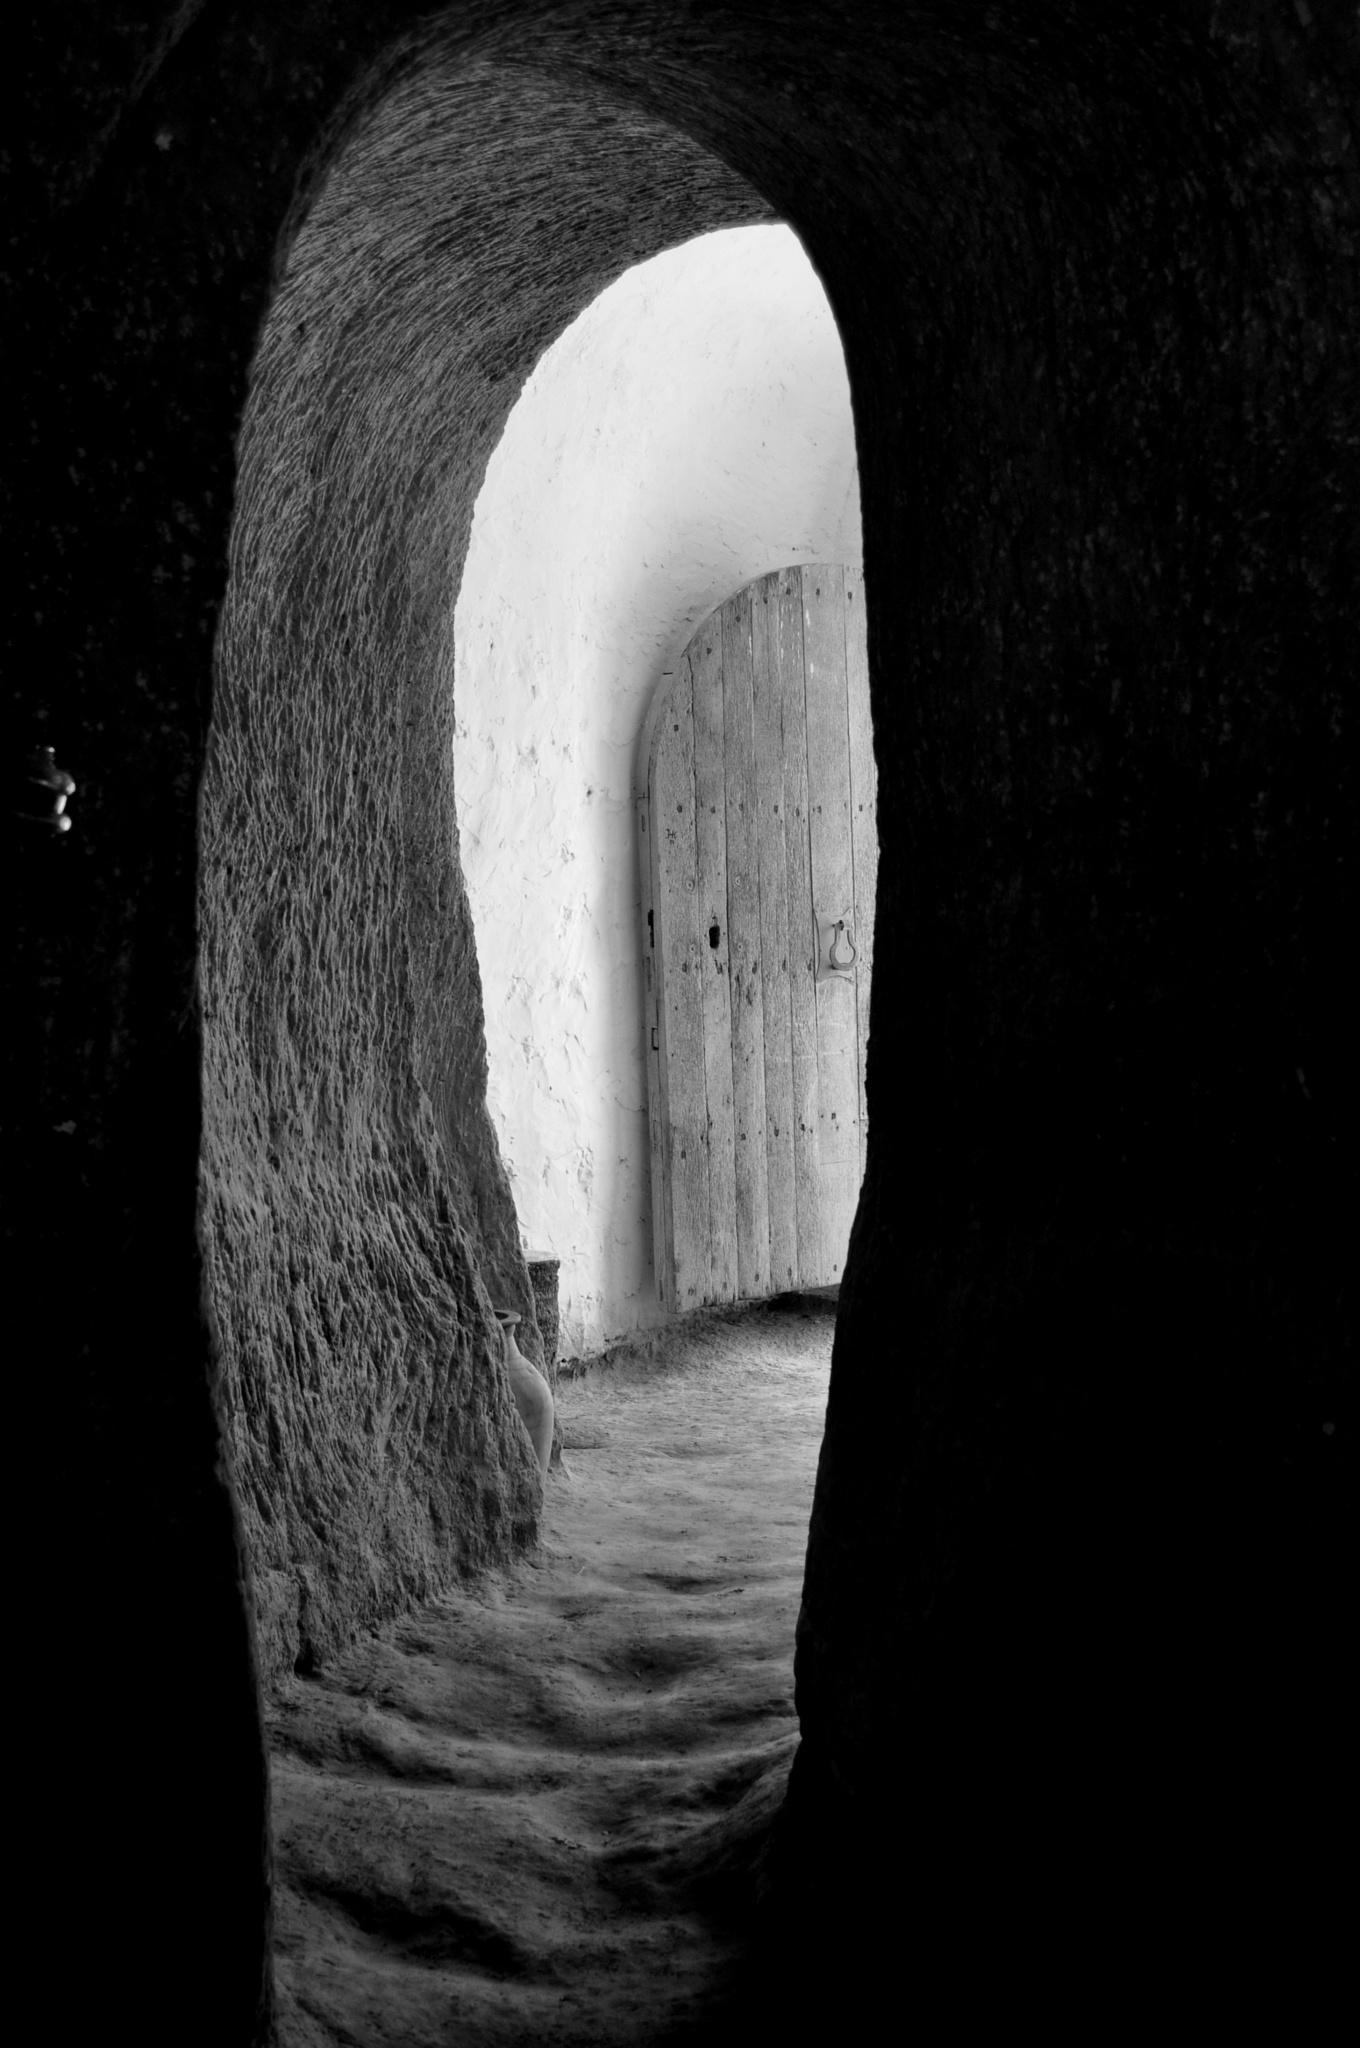 The Open Door by carmenlargo13